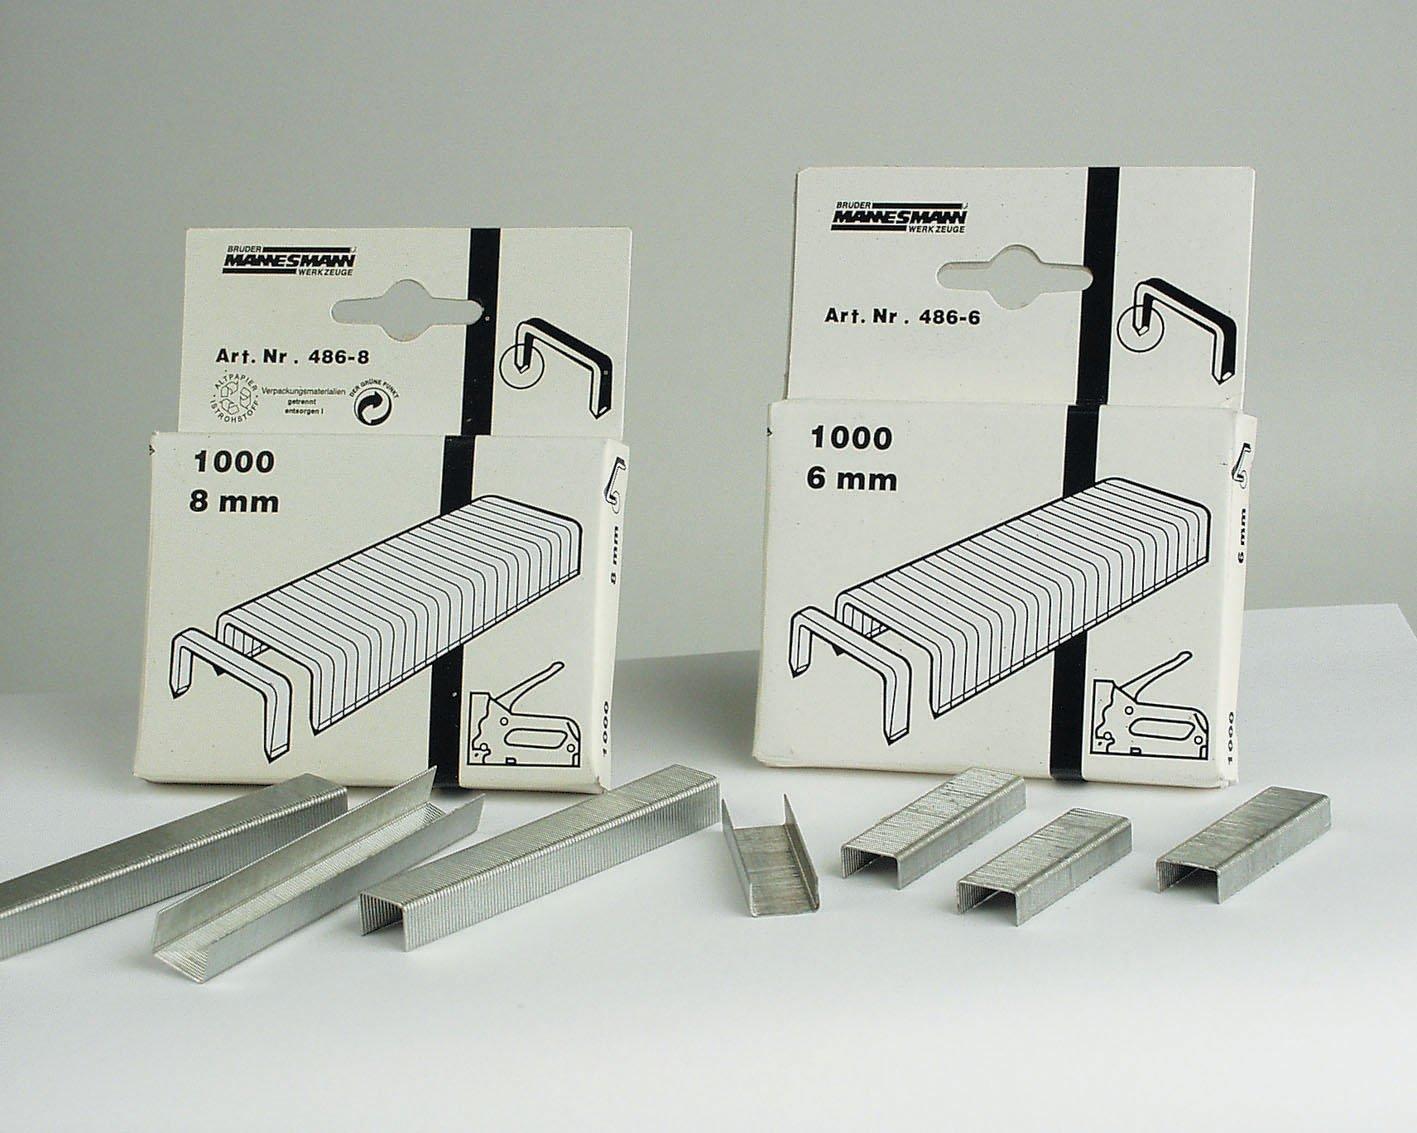 Brü der Mannesmann M 486– 08 de rechange pour m483 et m484, 1000 agrafes, 1 V, 8 mm 1000agrafes 1V 8mm Brüder Mannesmann Werkzeuge GmbH M 486-08